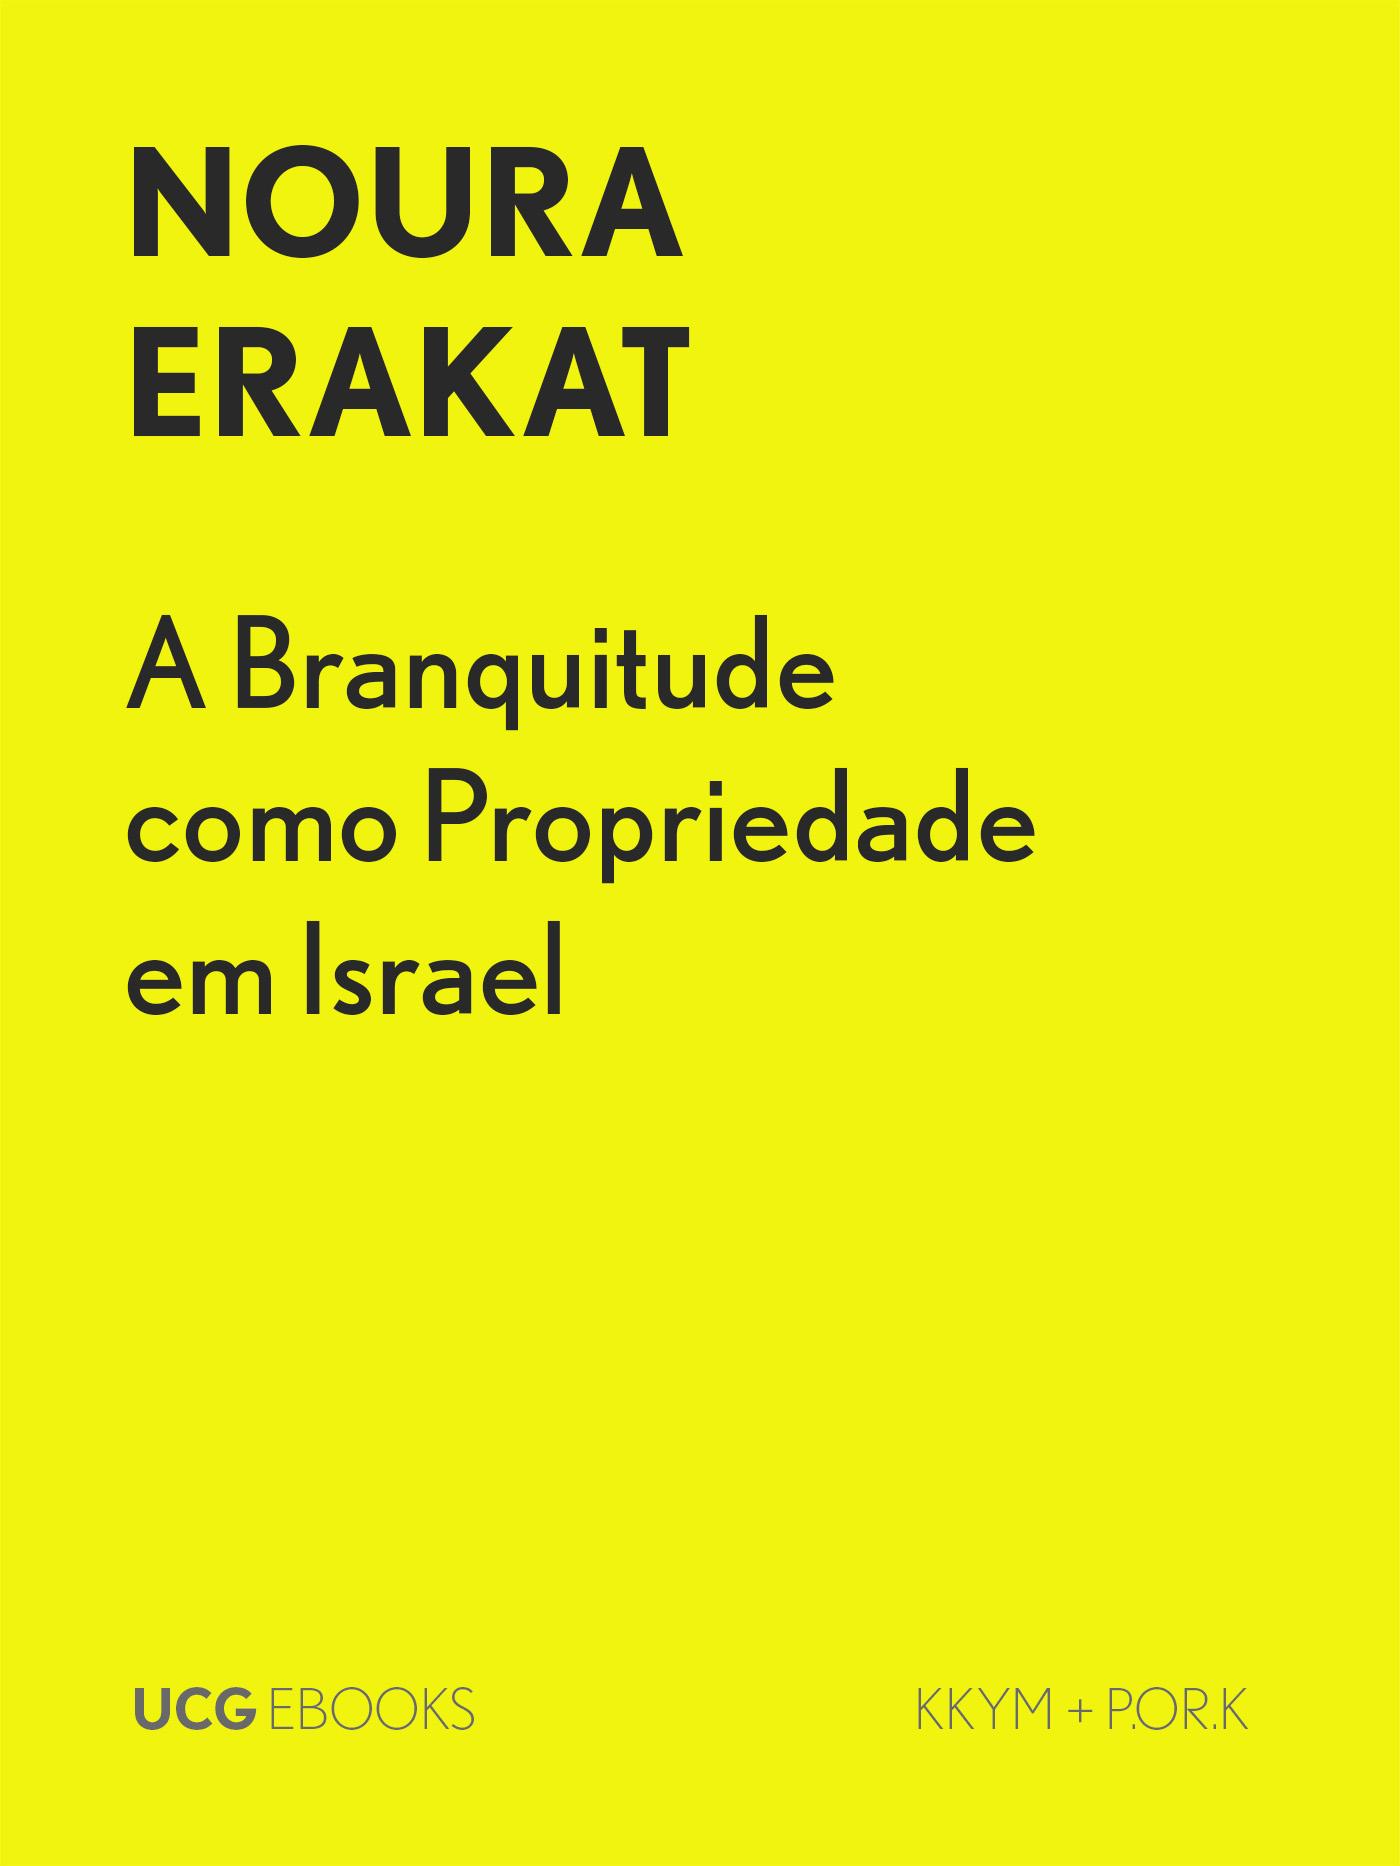 A Branquitude como Propriedade em Israel